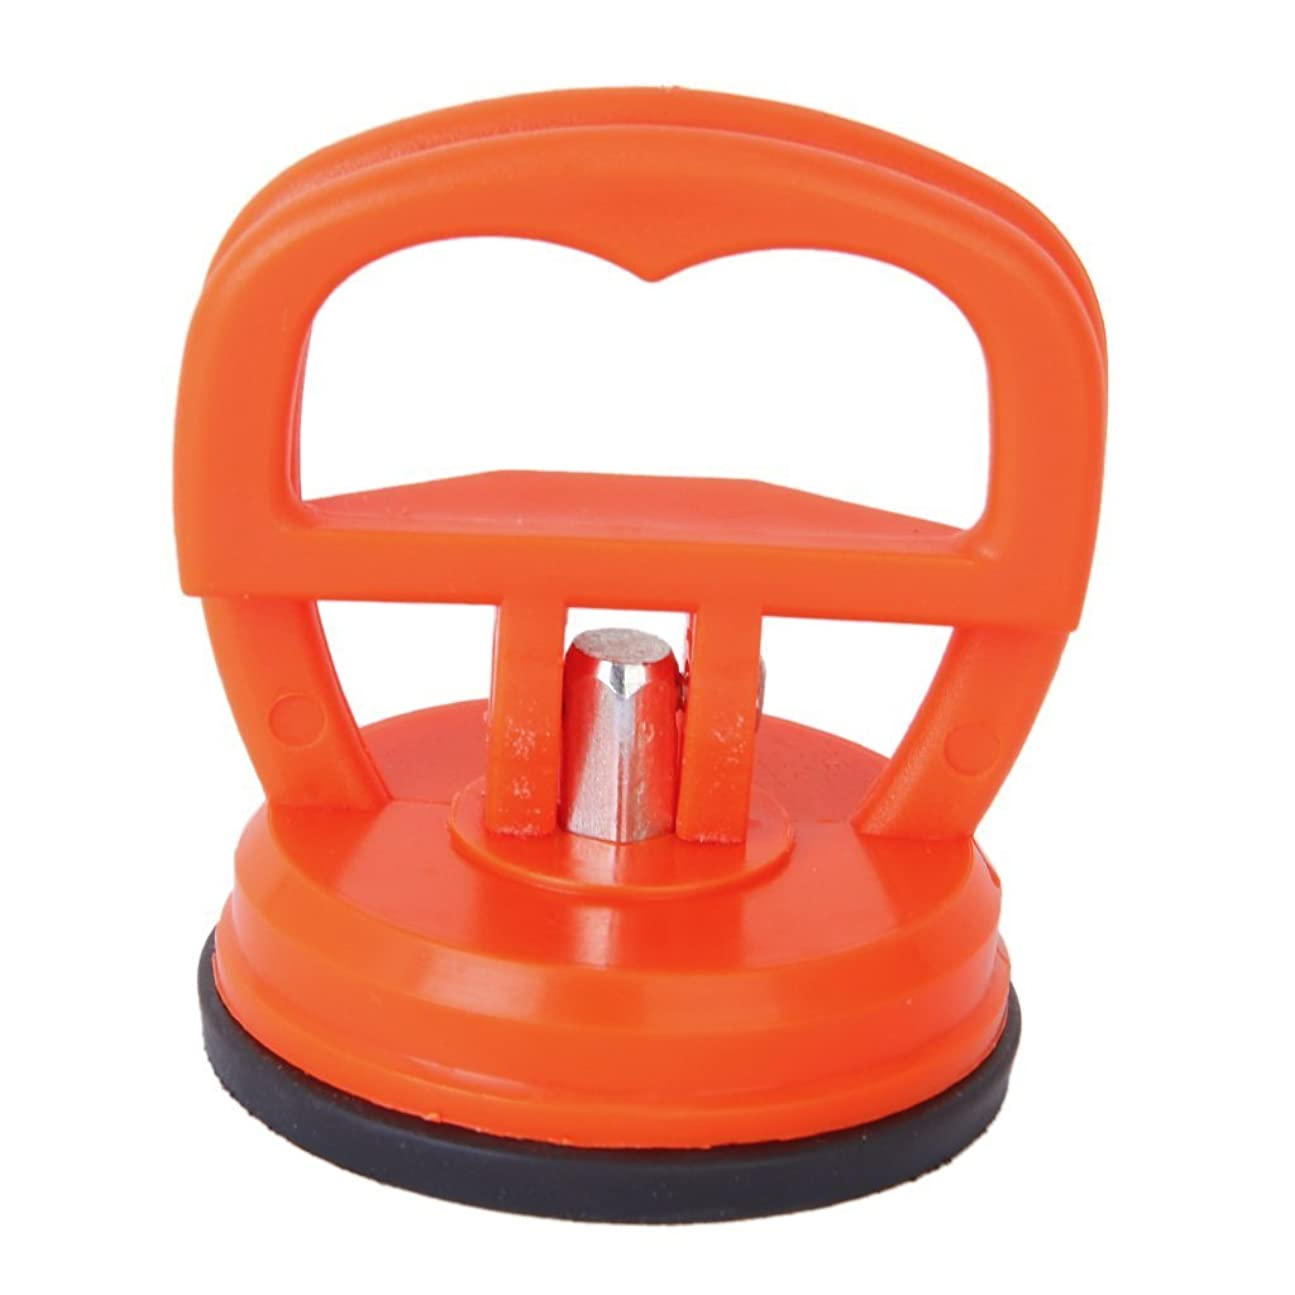 アレルギー見分ける飛躍SODIAL バキュームリフター ミニ吸盤 最大耐荷重45kg サクションカップ ワンタッチ吸盤式 マルチグリップ 橙赤